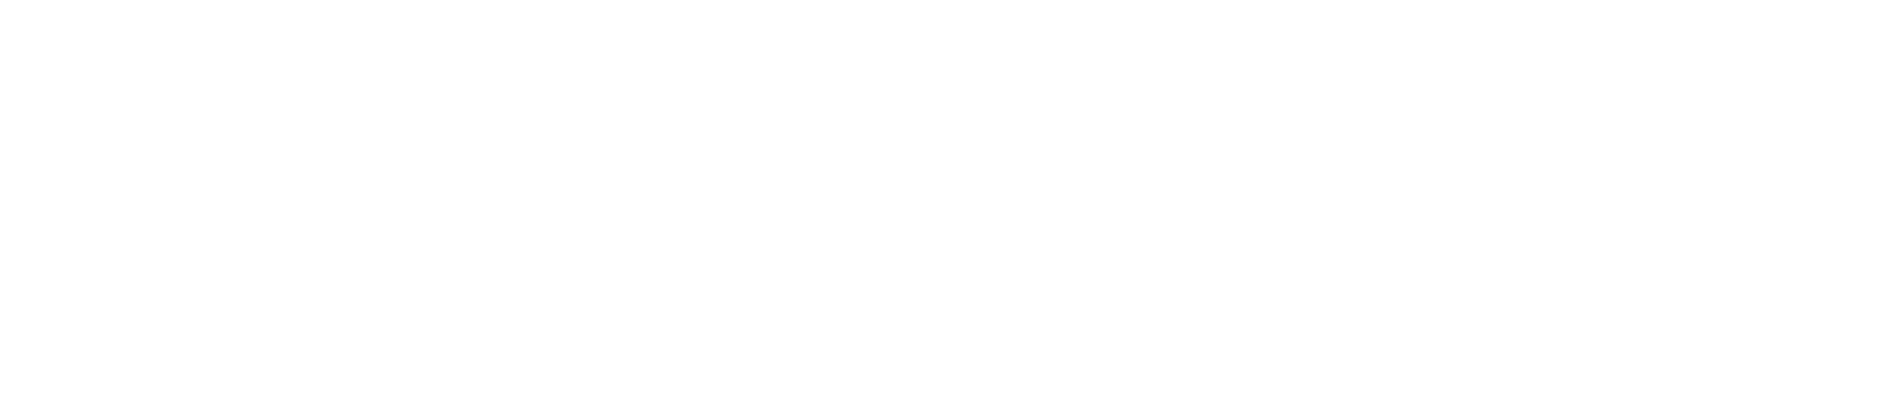 logo-sol-y-mar-41